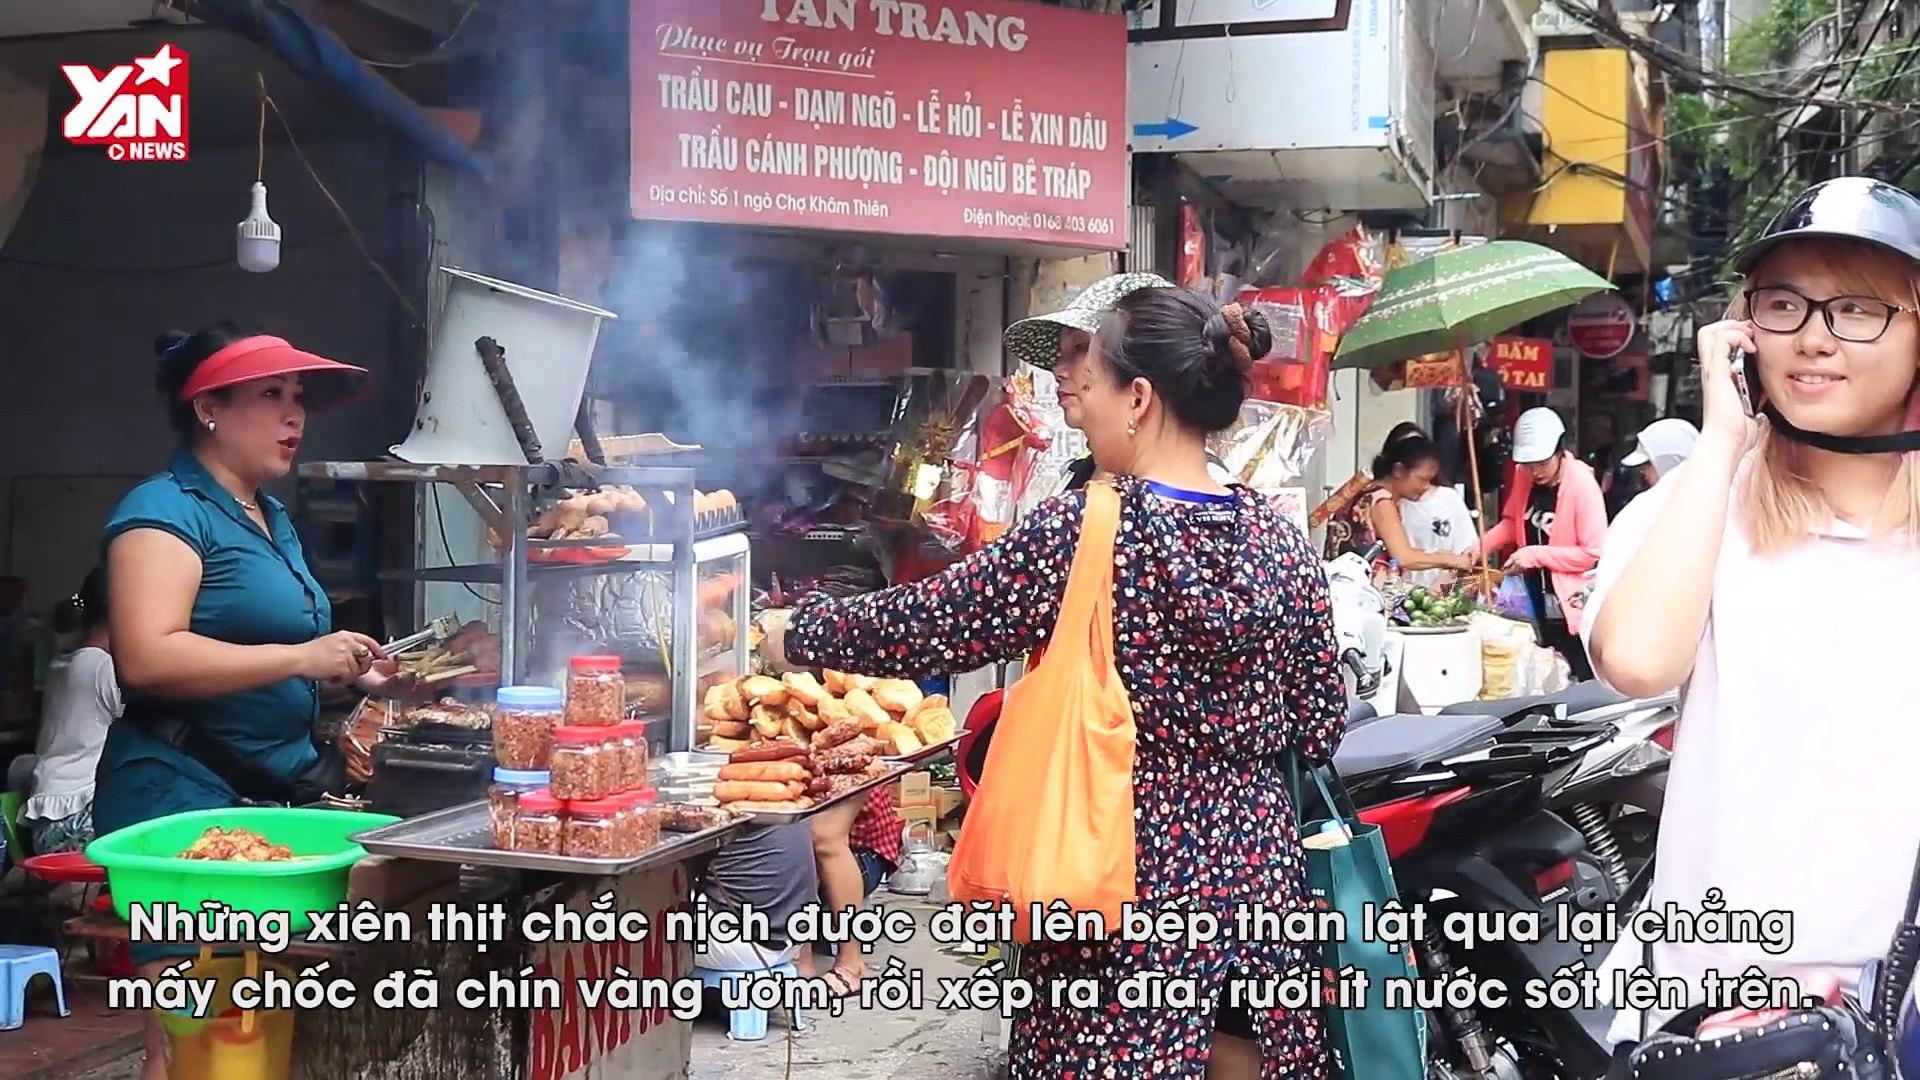 Thịt Cuốn Mía thơm nức mũi ngõ chợ Khâm Thiên - Xuất hiện trên Kênh Trải nghiệm Ẩm thực Hàn Quốc